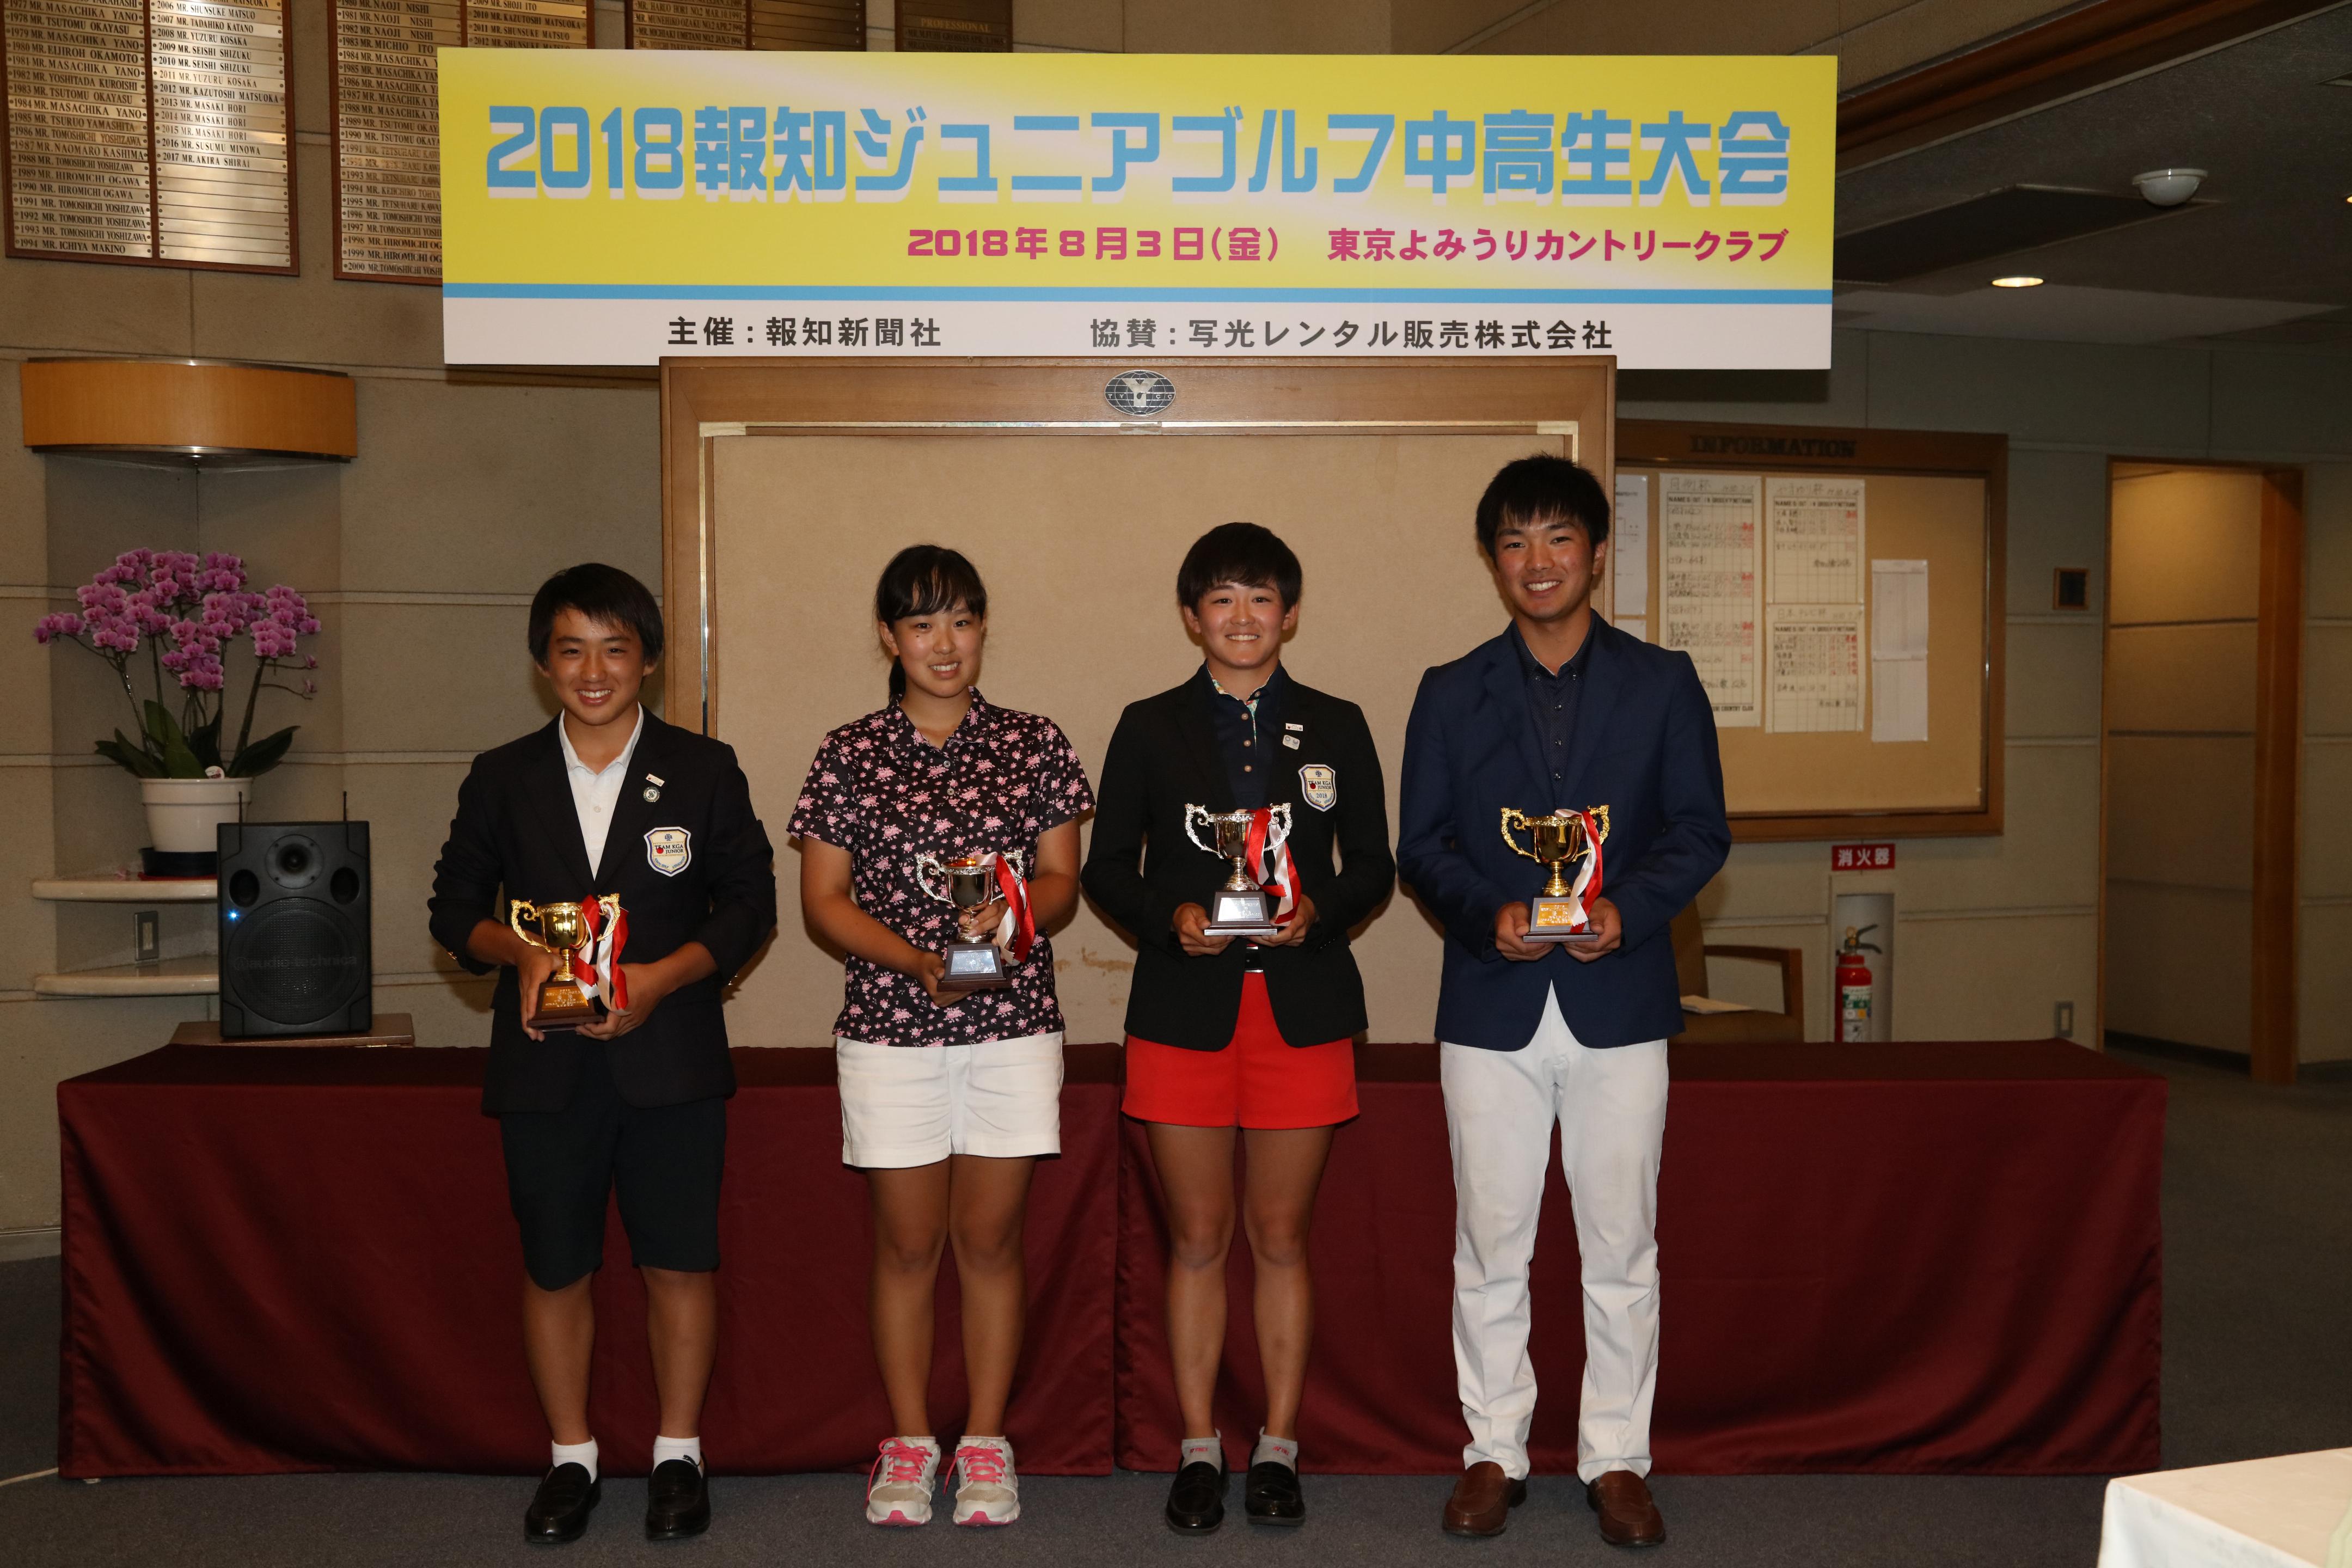 優勝カップを手に笑顔の各部門の優勝者(左から関根東馬、榎本杏果、岩井明愛、長野京介)